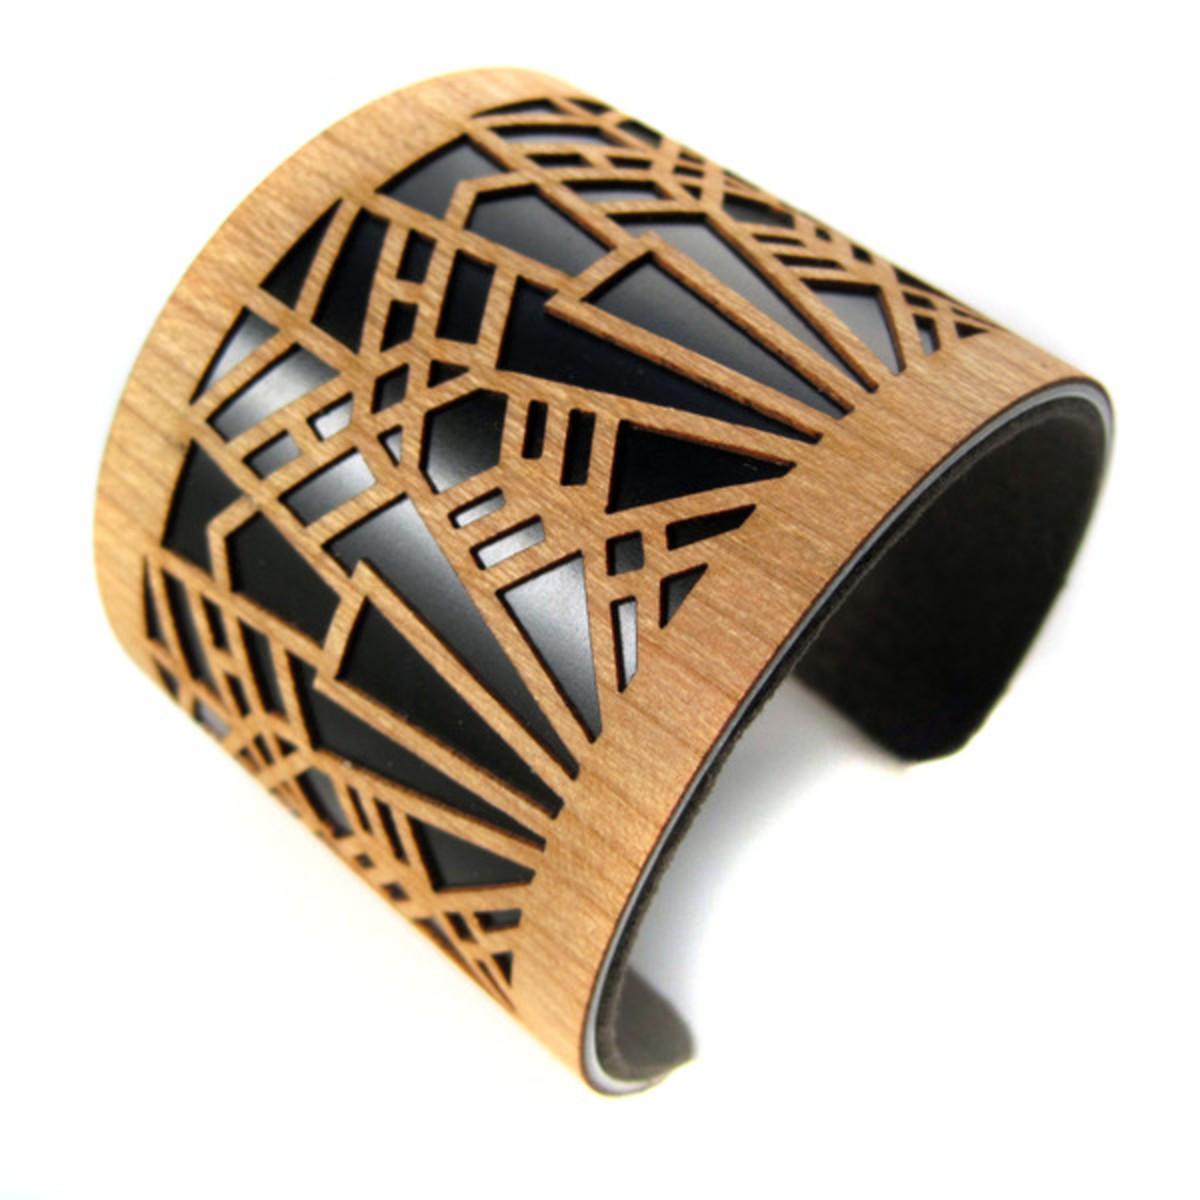 Joyo_laser_cut_wood_jewelry_cuff_bracelet_deco_metropolis_black_1_grande